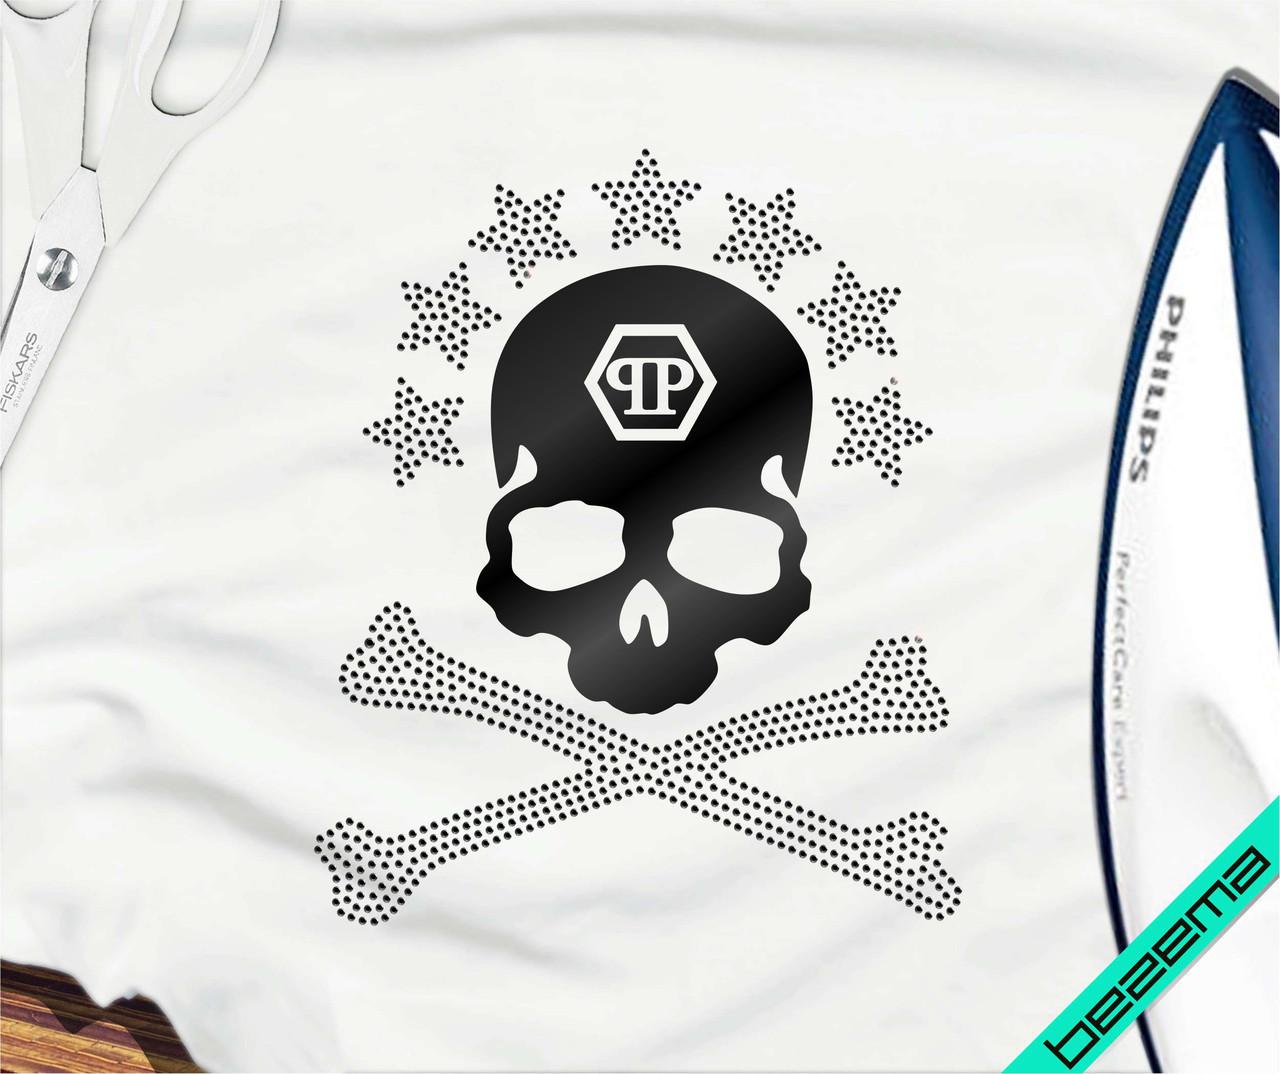 Аплпикации на халаты Логотип